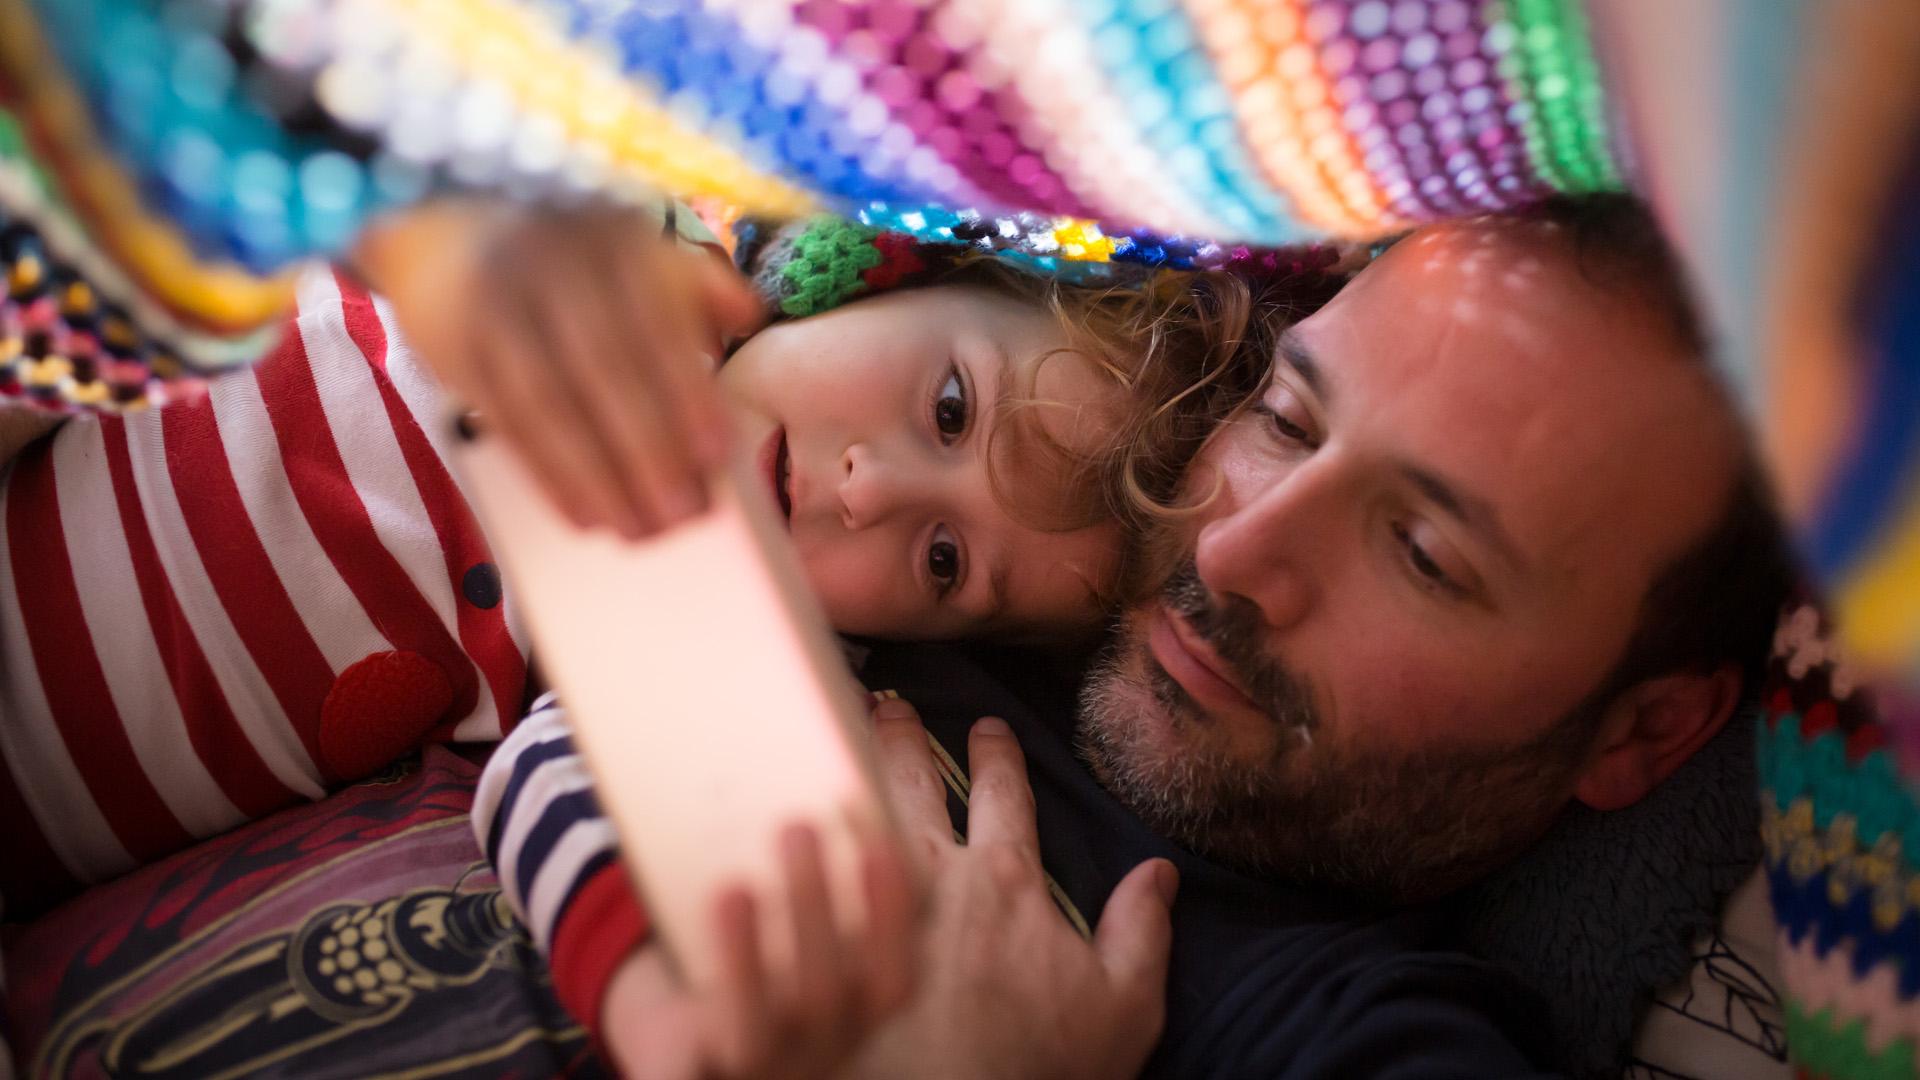 Szívás a koránkelés, de öröm itthon lenni a gyerekkel